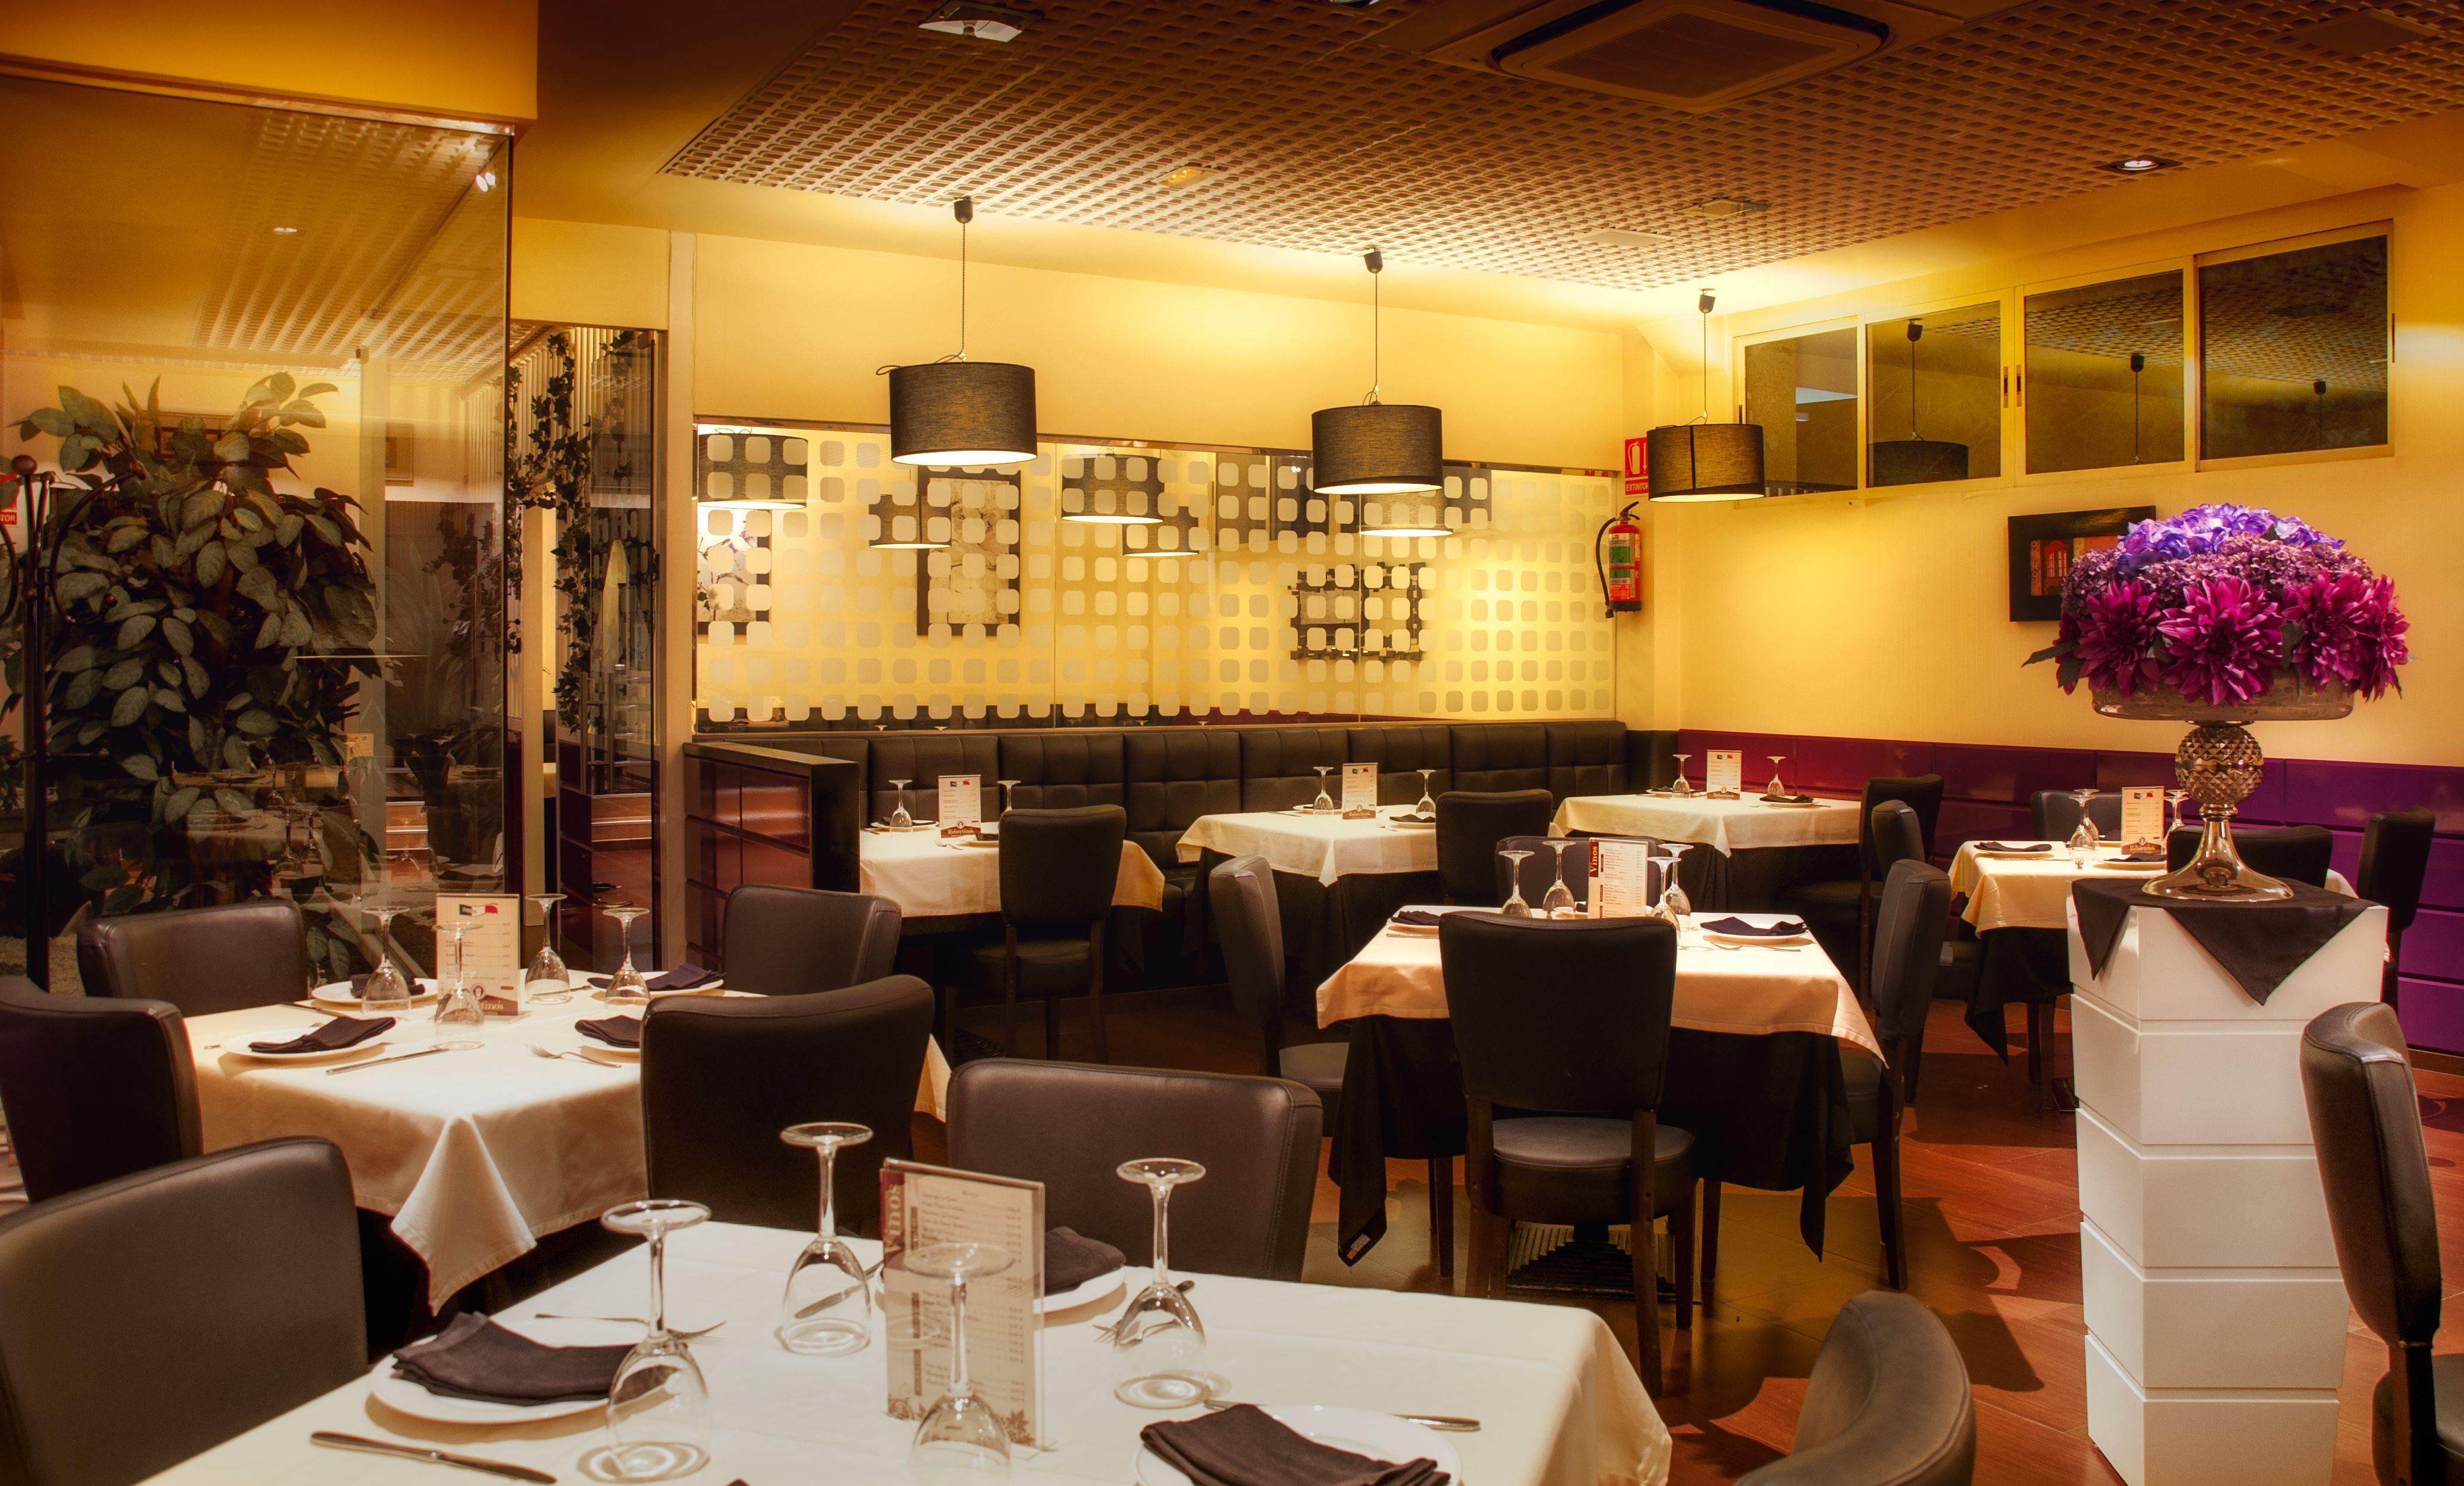 Foto 8 de Restaurante italiano en Collado Villalba   Restaurante Robertinos